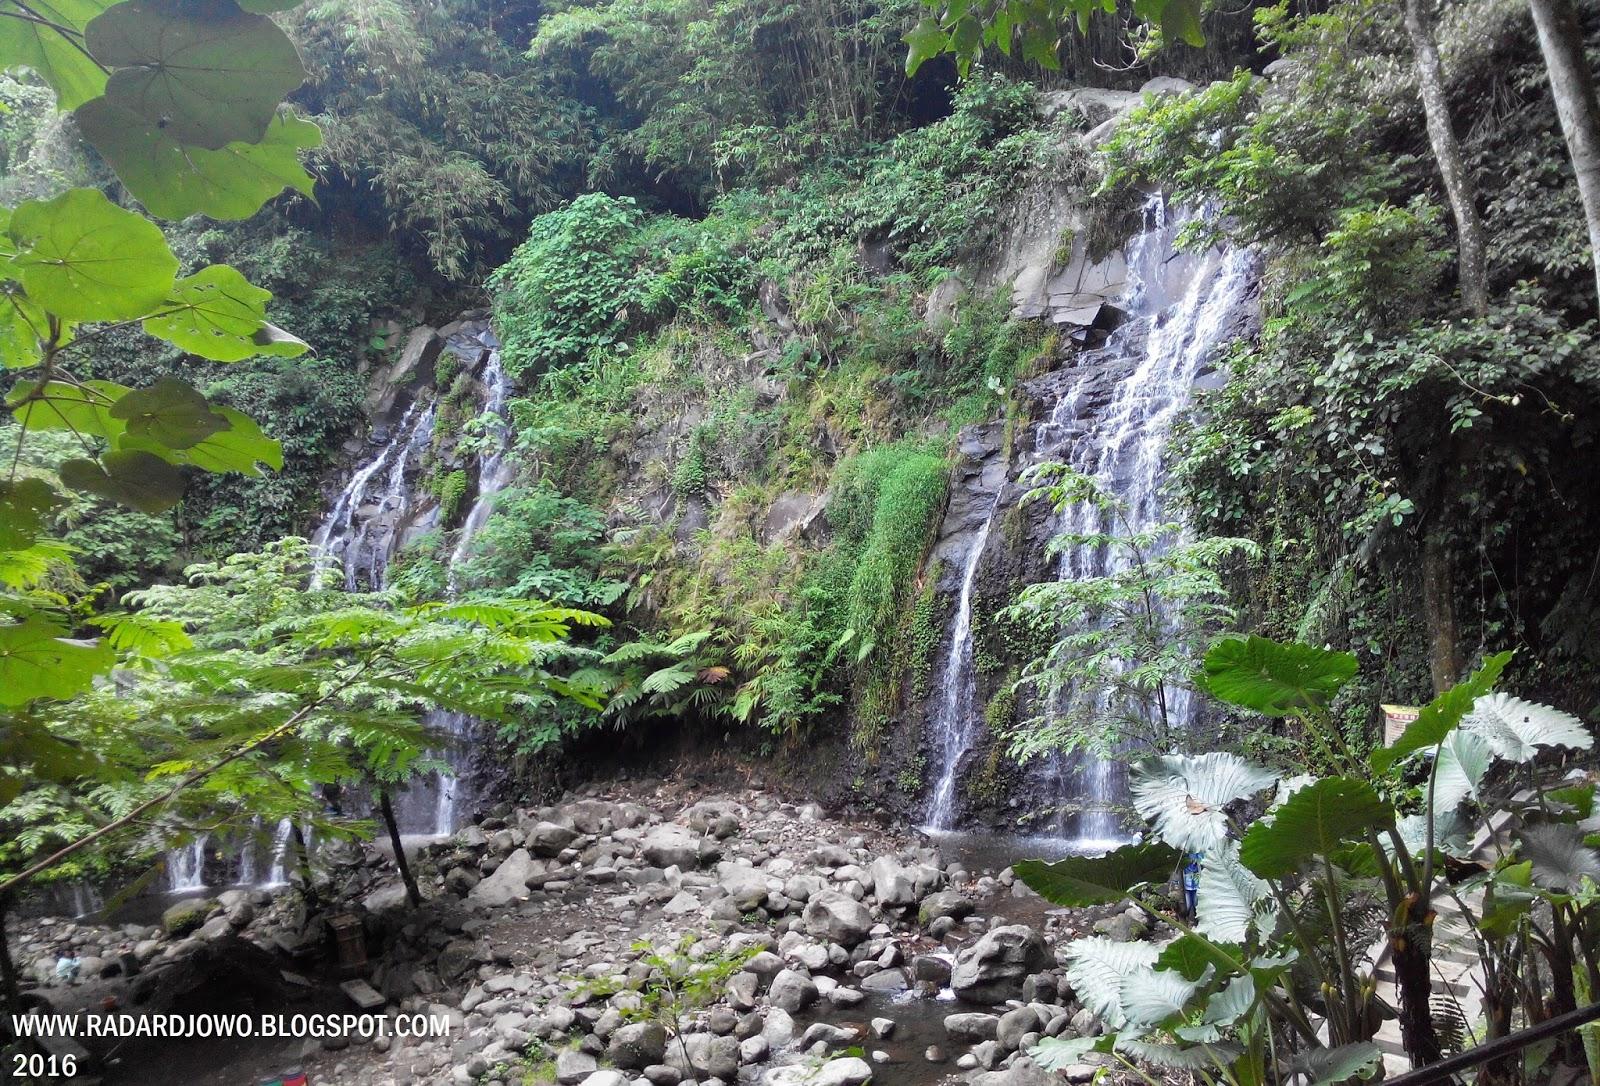 Air Terjun Pengantin Ngrambe Ngawi Radar Djowo